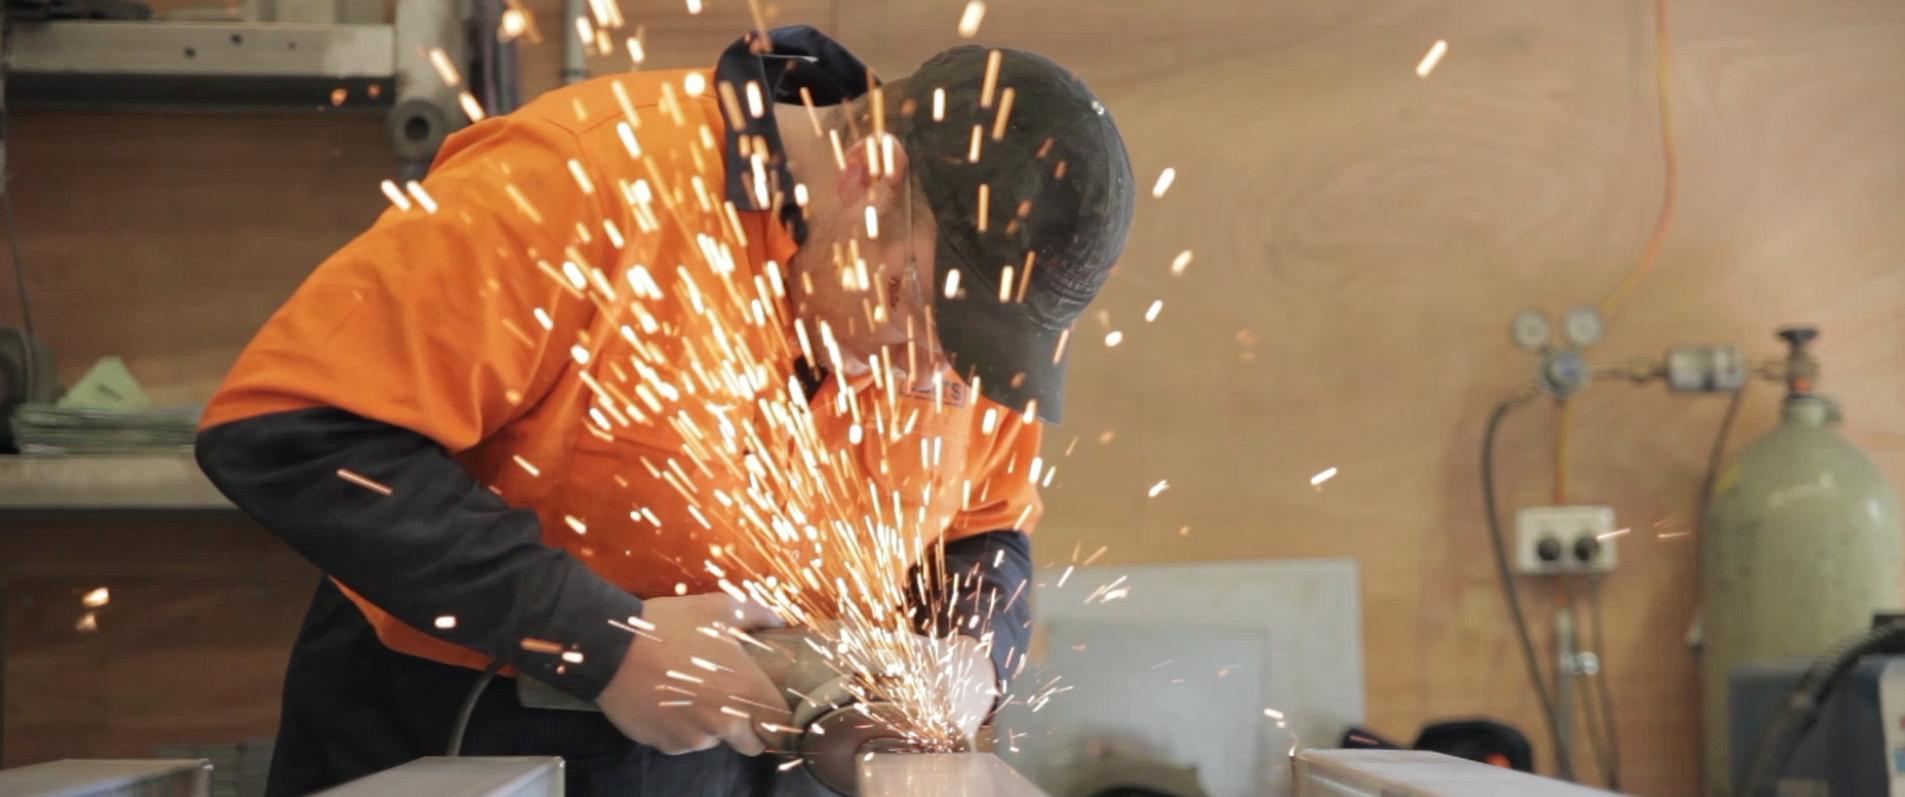 grinding-steel-1.jpg